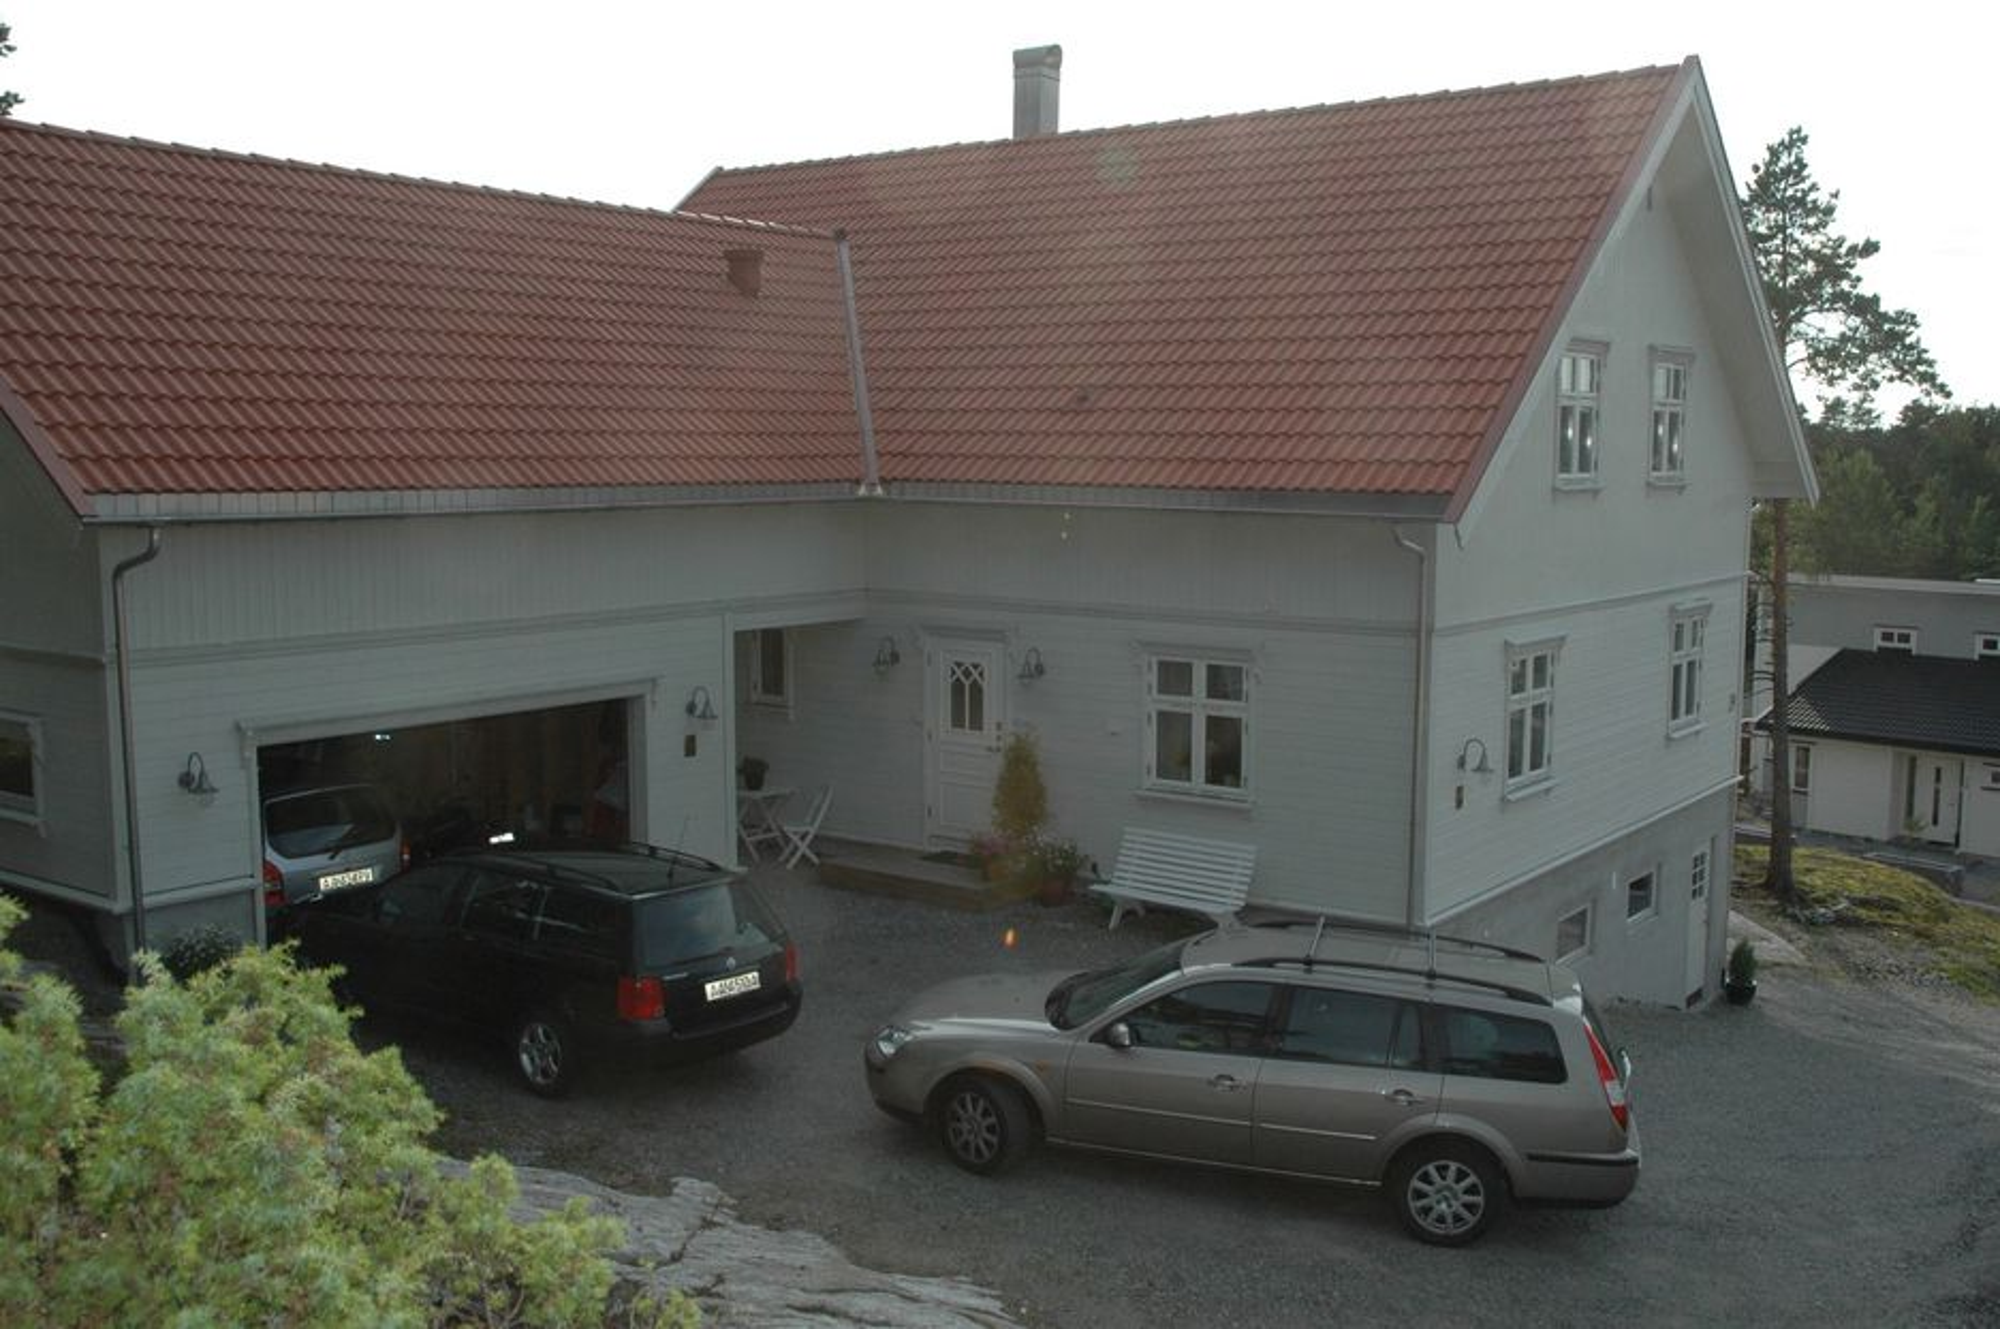 ALT GALT: Nesten ingenting er korrekt i dette huset i Halden som er ført opp av en bygningsingeniør til eget bruk.